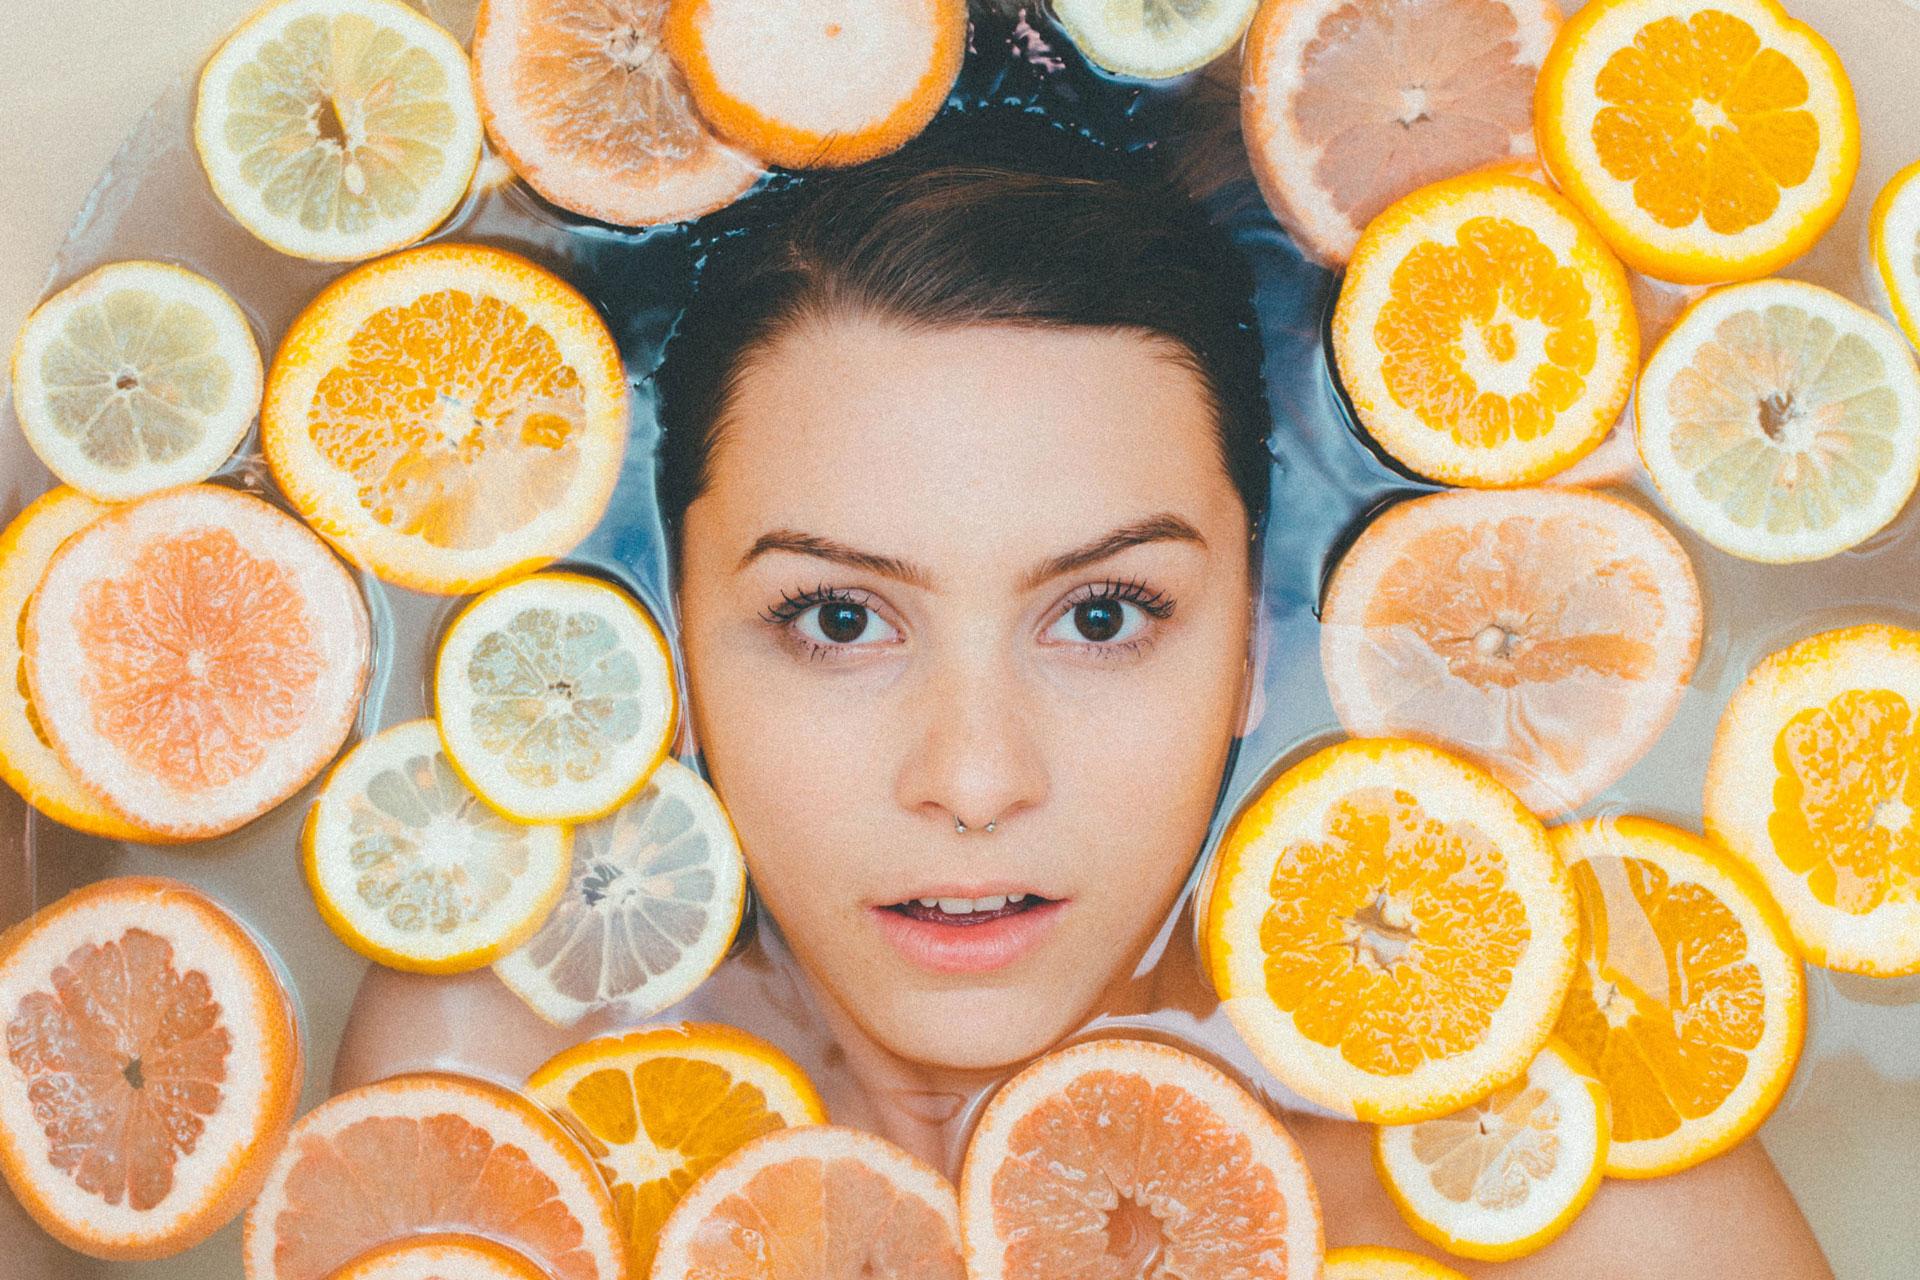 aceite vegetal en el baño para el cuidado facial